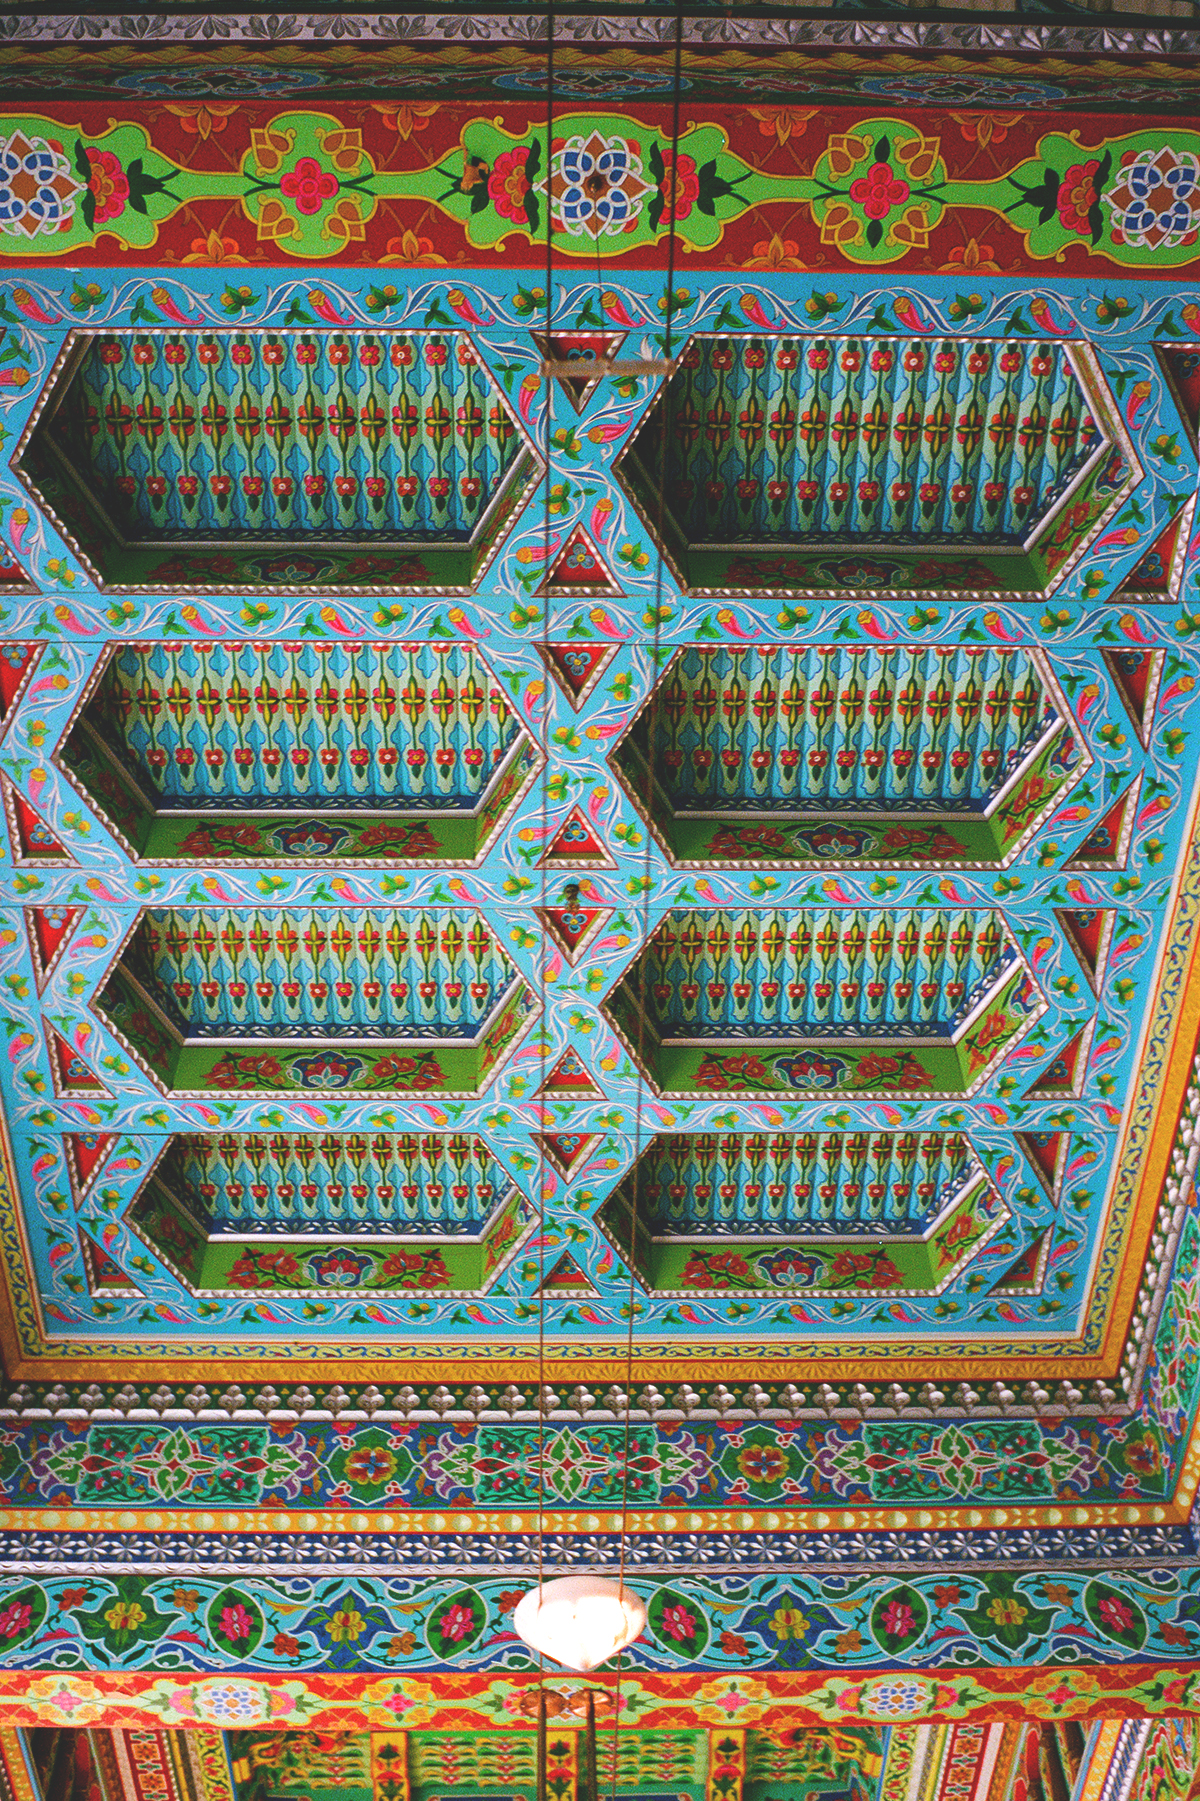 ceilingweb.jpg